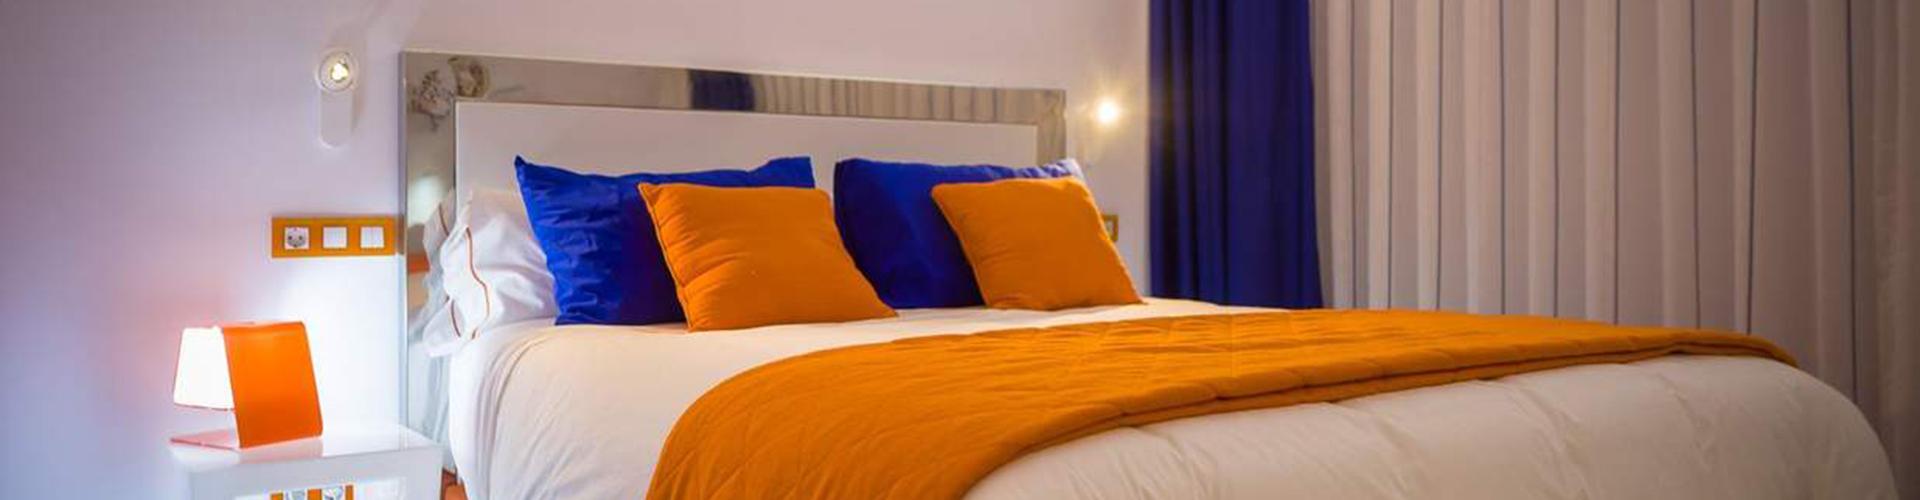 RESOTEL habitación noche cama